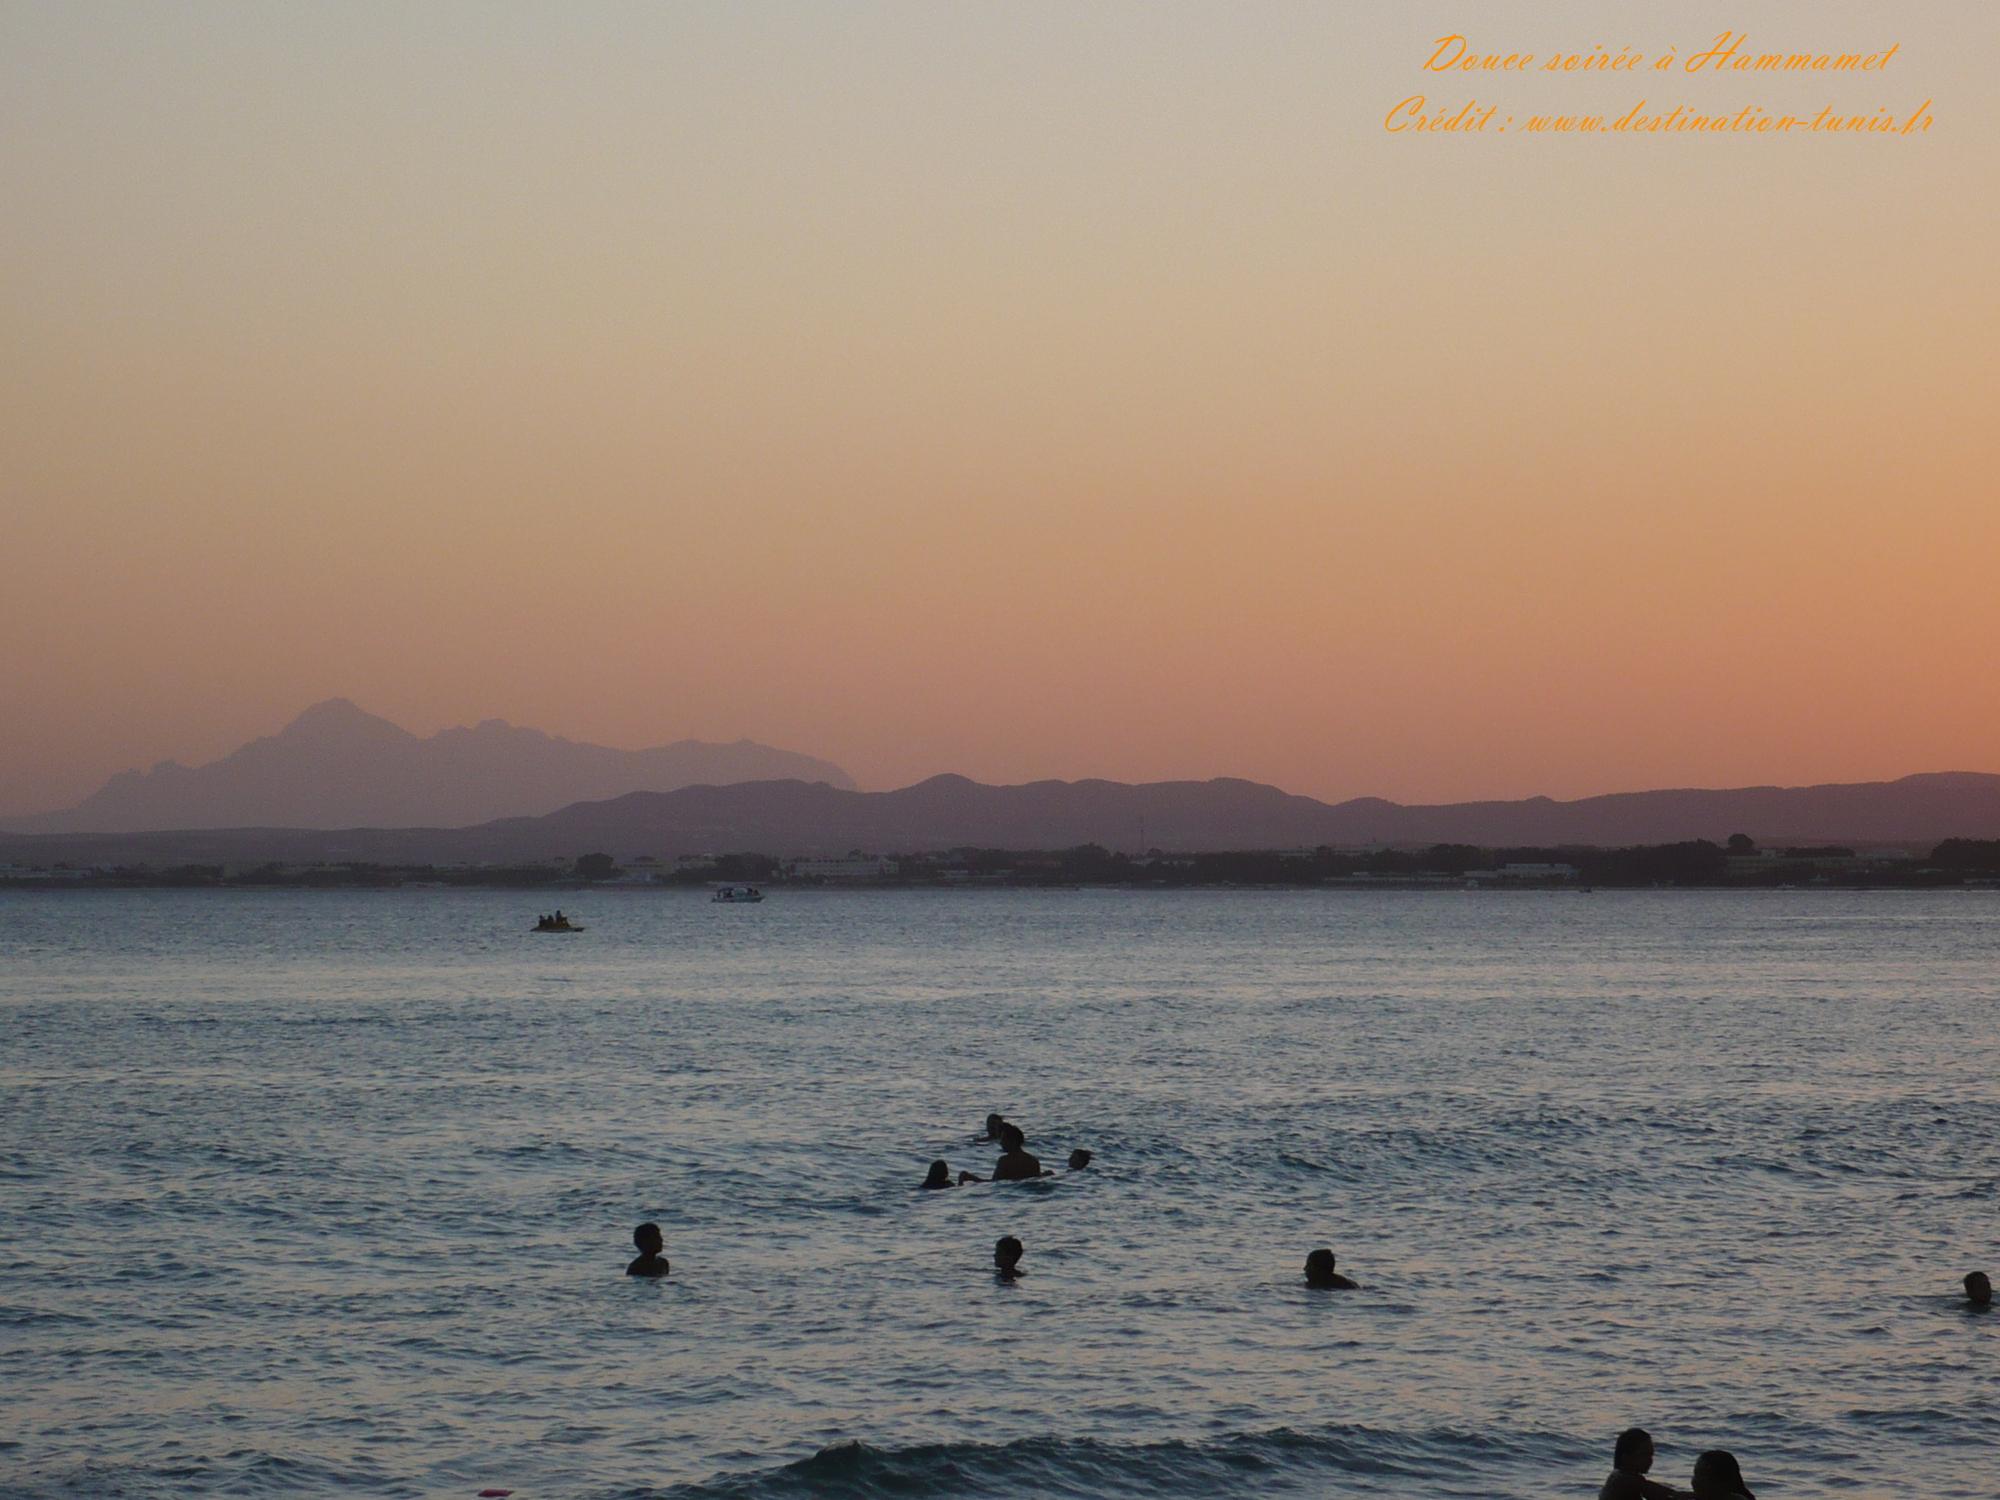 Fonds d'écran Mer et Plages Coucher de soleil Hammamet Tunisie